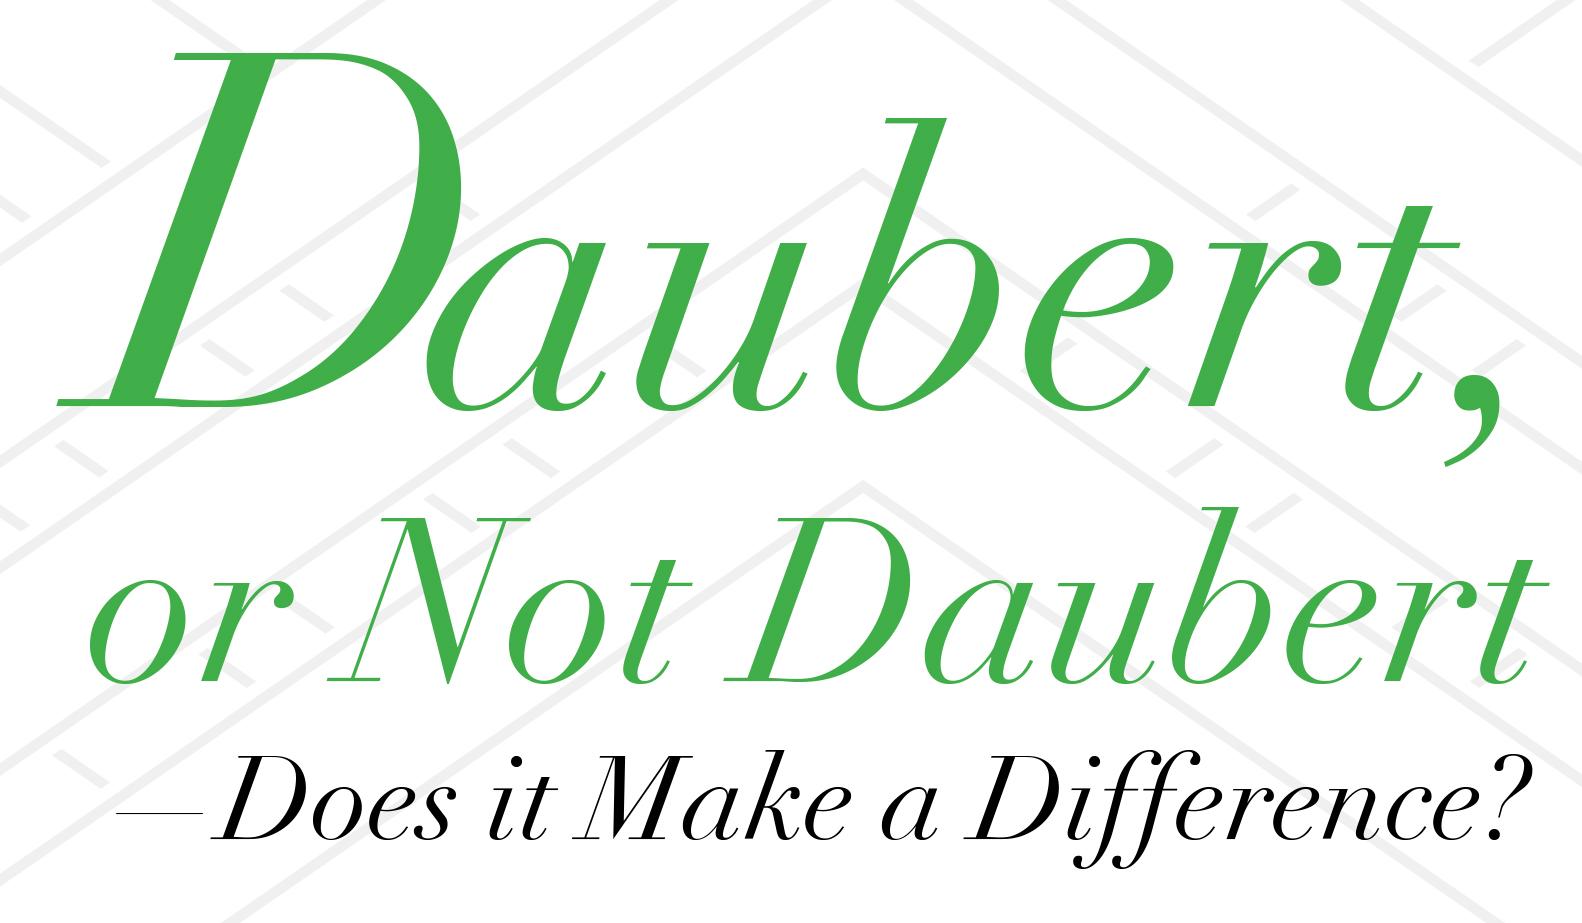 Testimony Daubert or Not Daubert